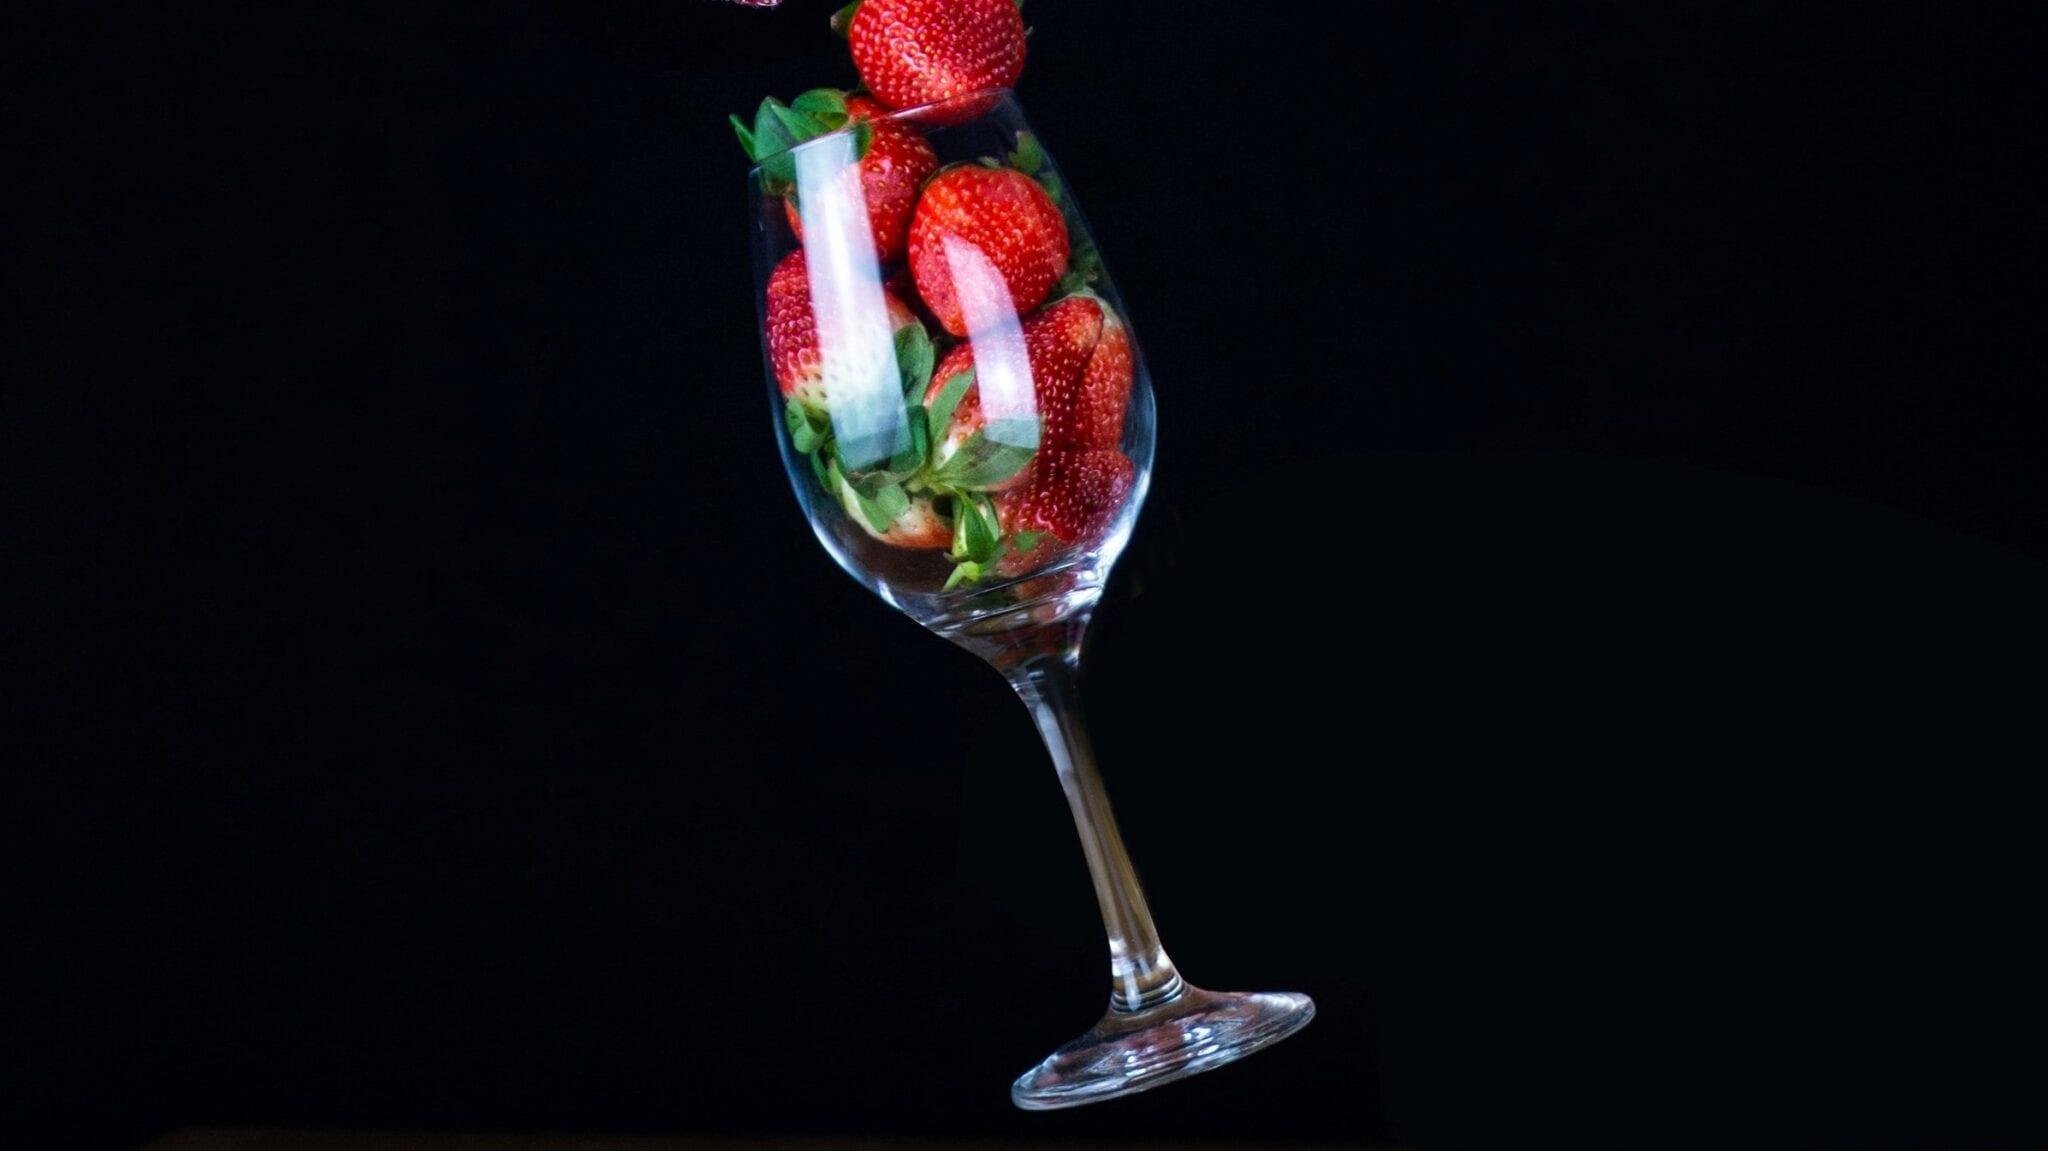 Wine glass with strawberries. Photo by Yulia Matvienko, Unsplash